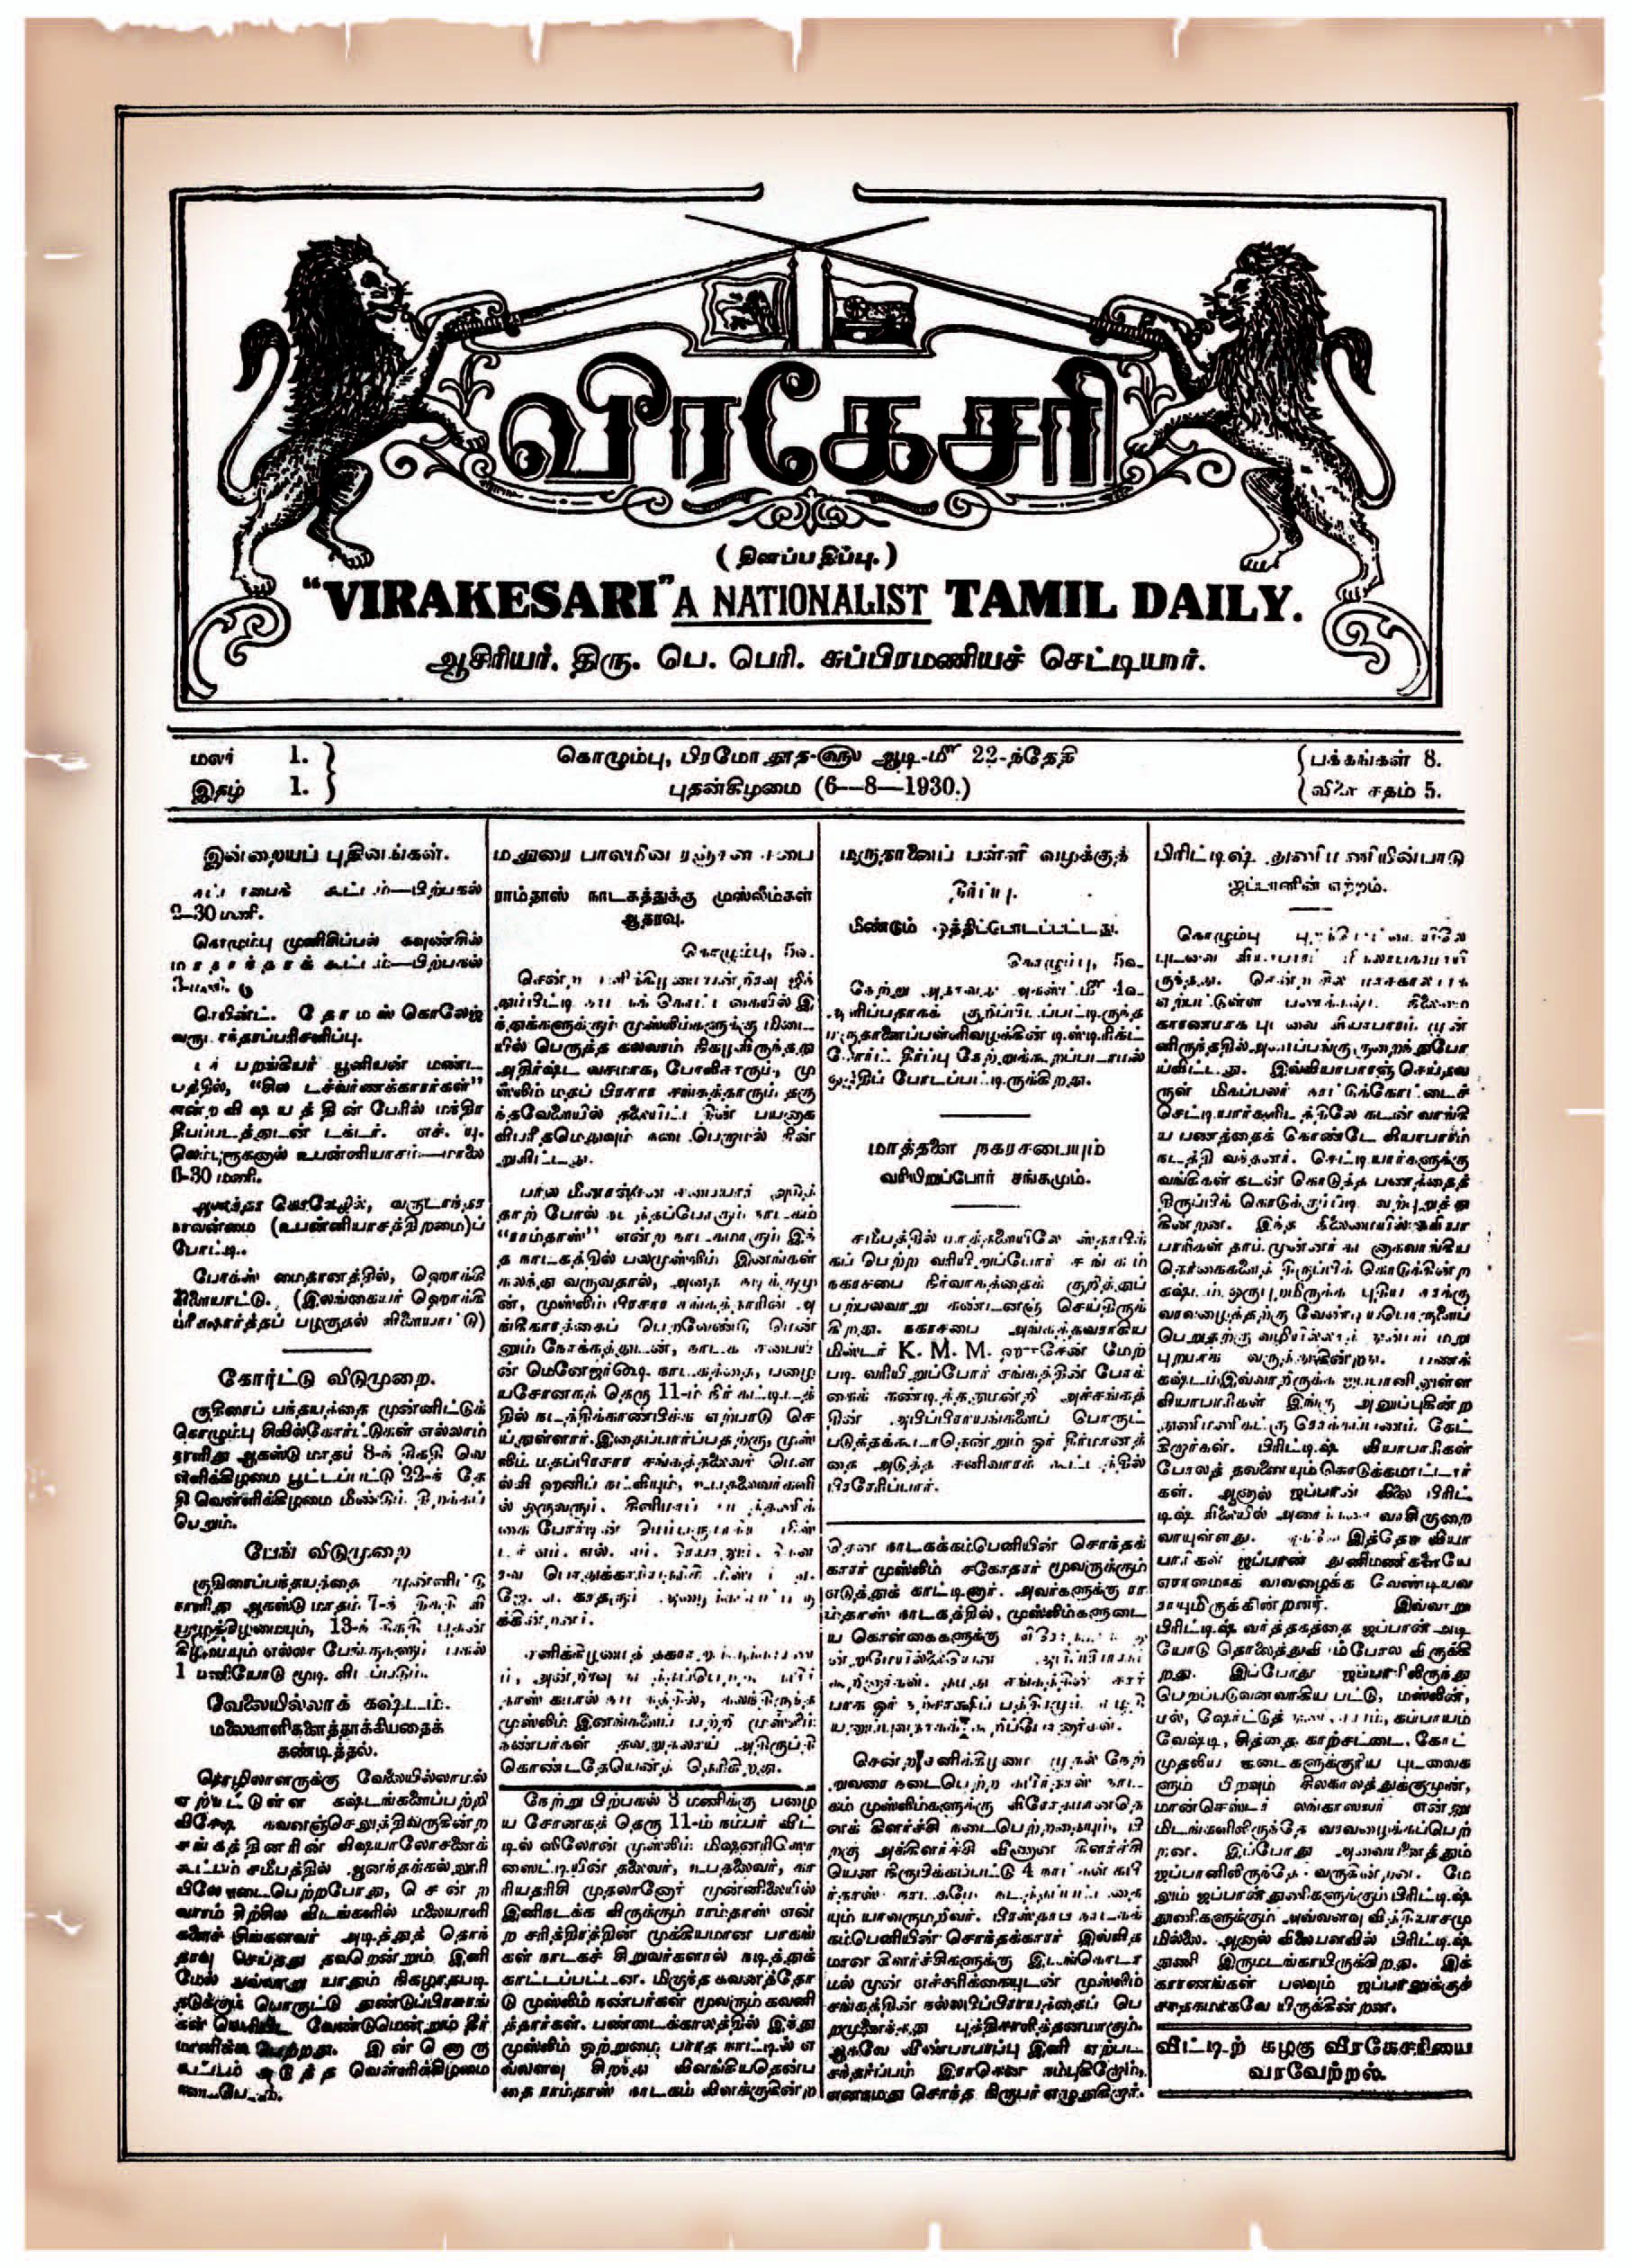 About | Virakesari lk